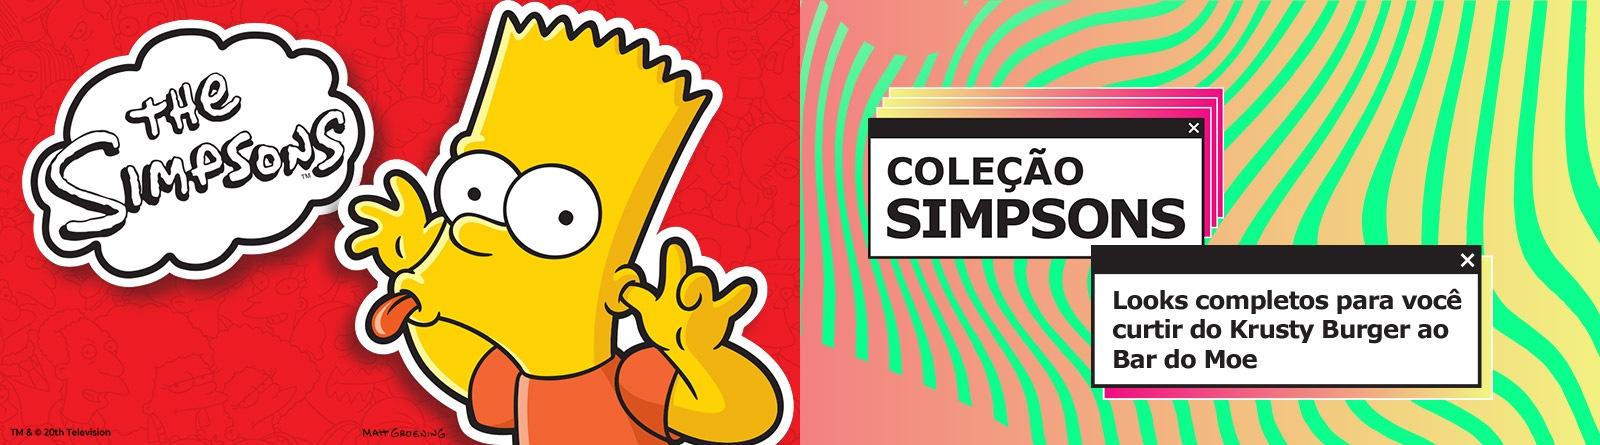 Riachuelo  - Simpsons